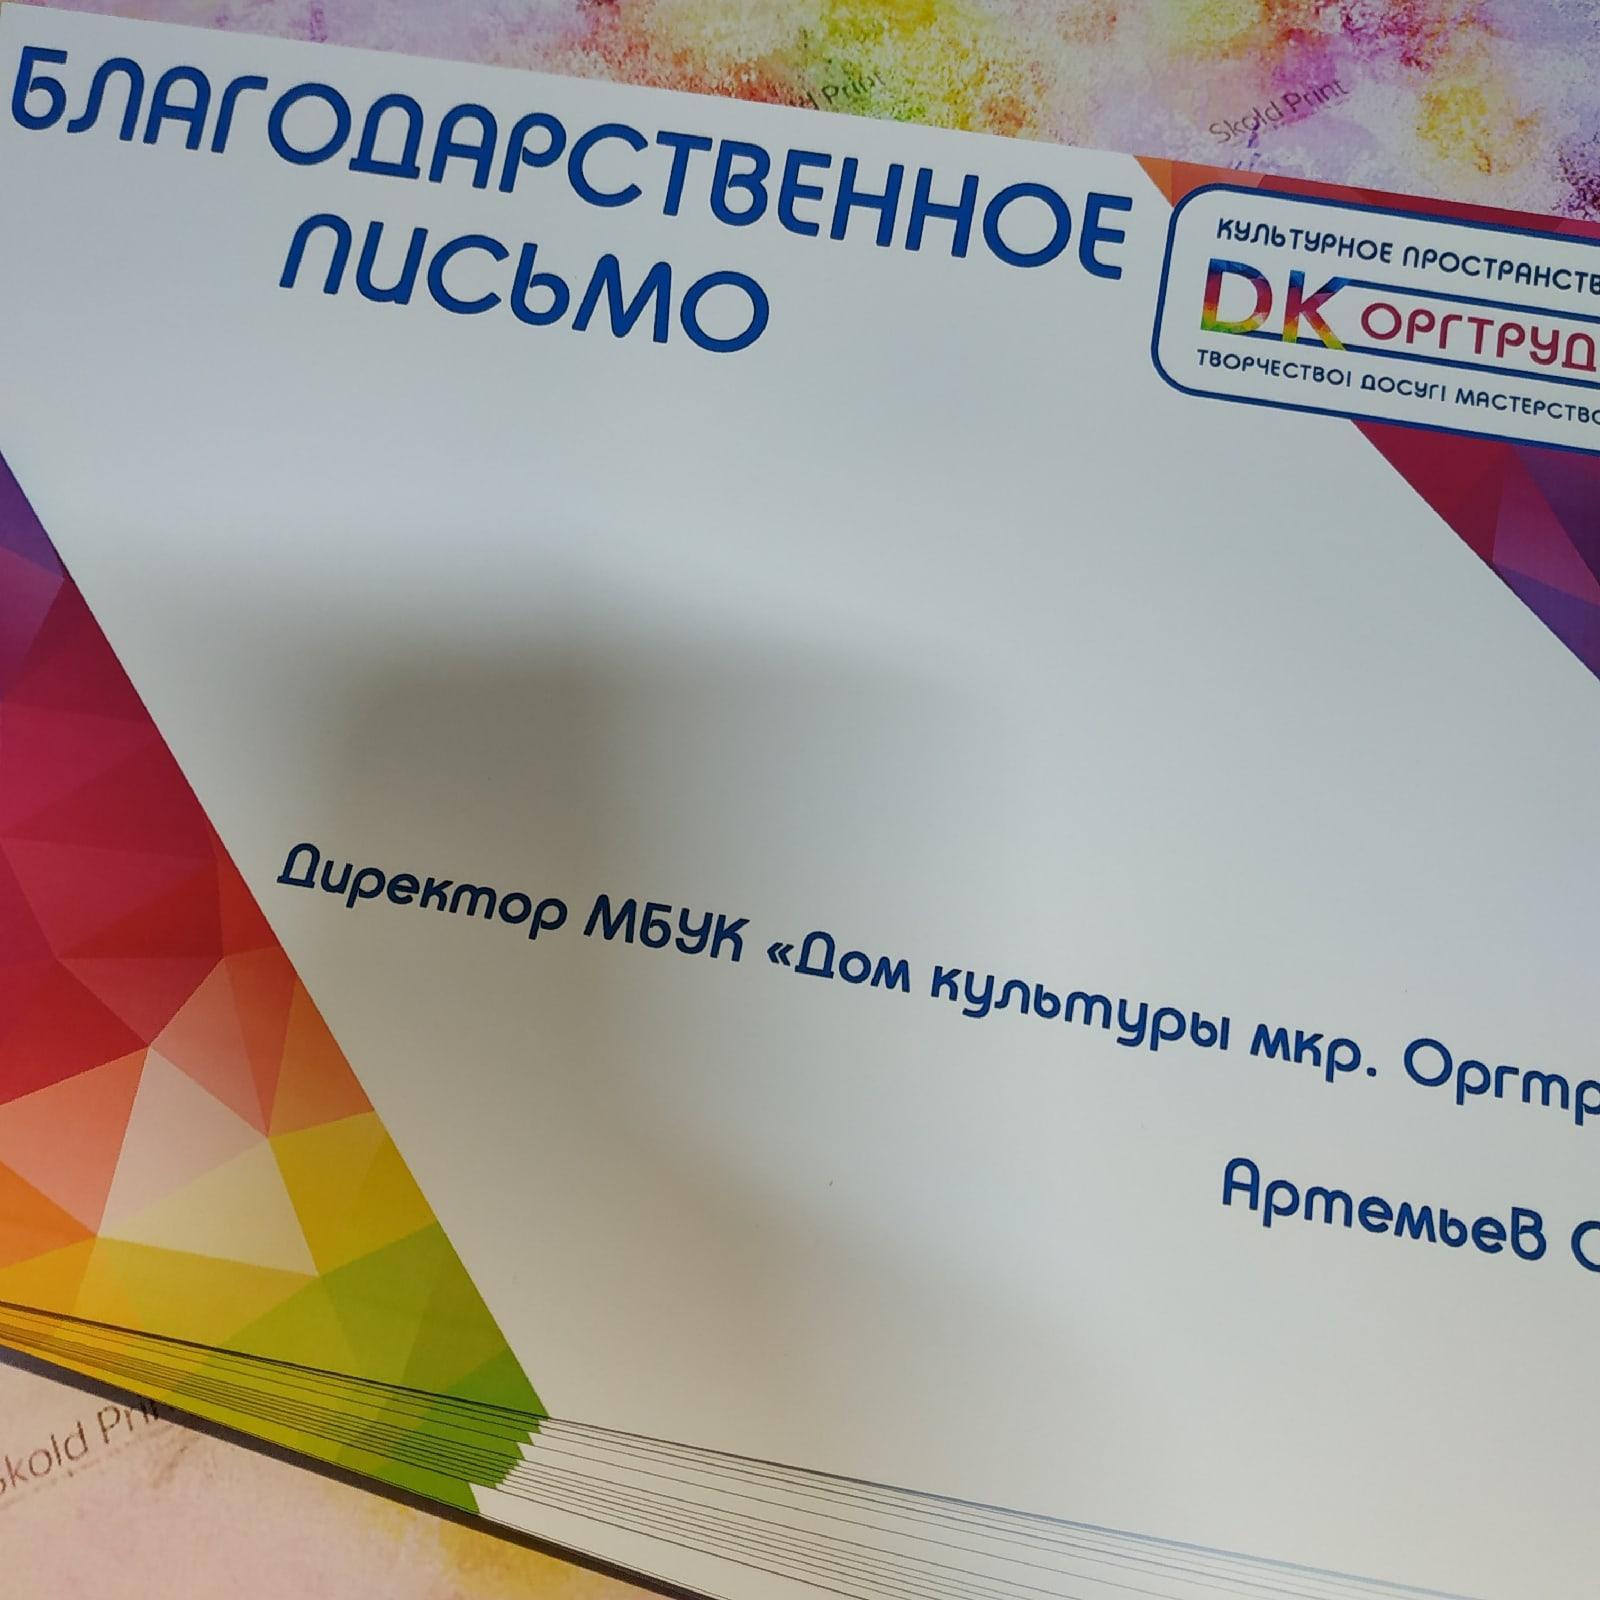 Печать грамот, дипломов и сертификатов во Владимире